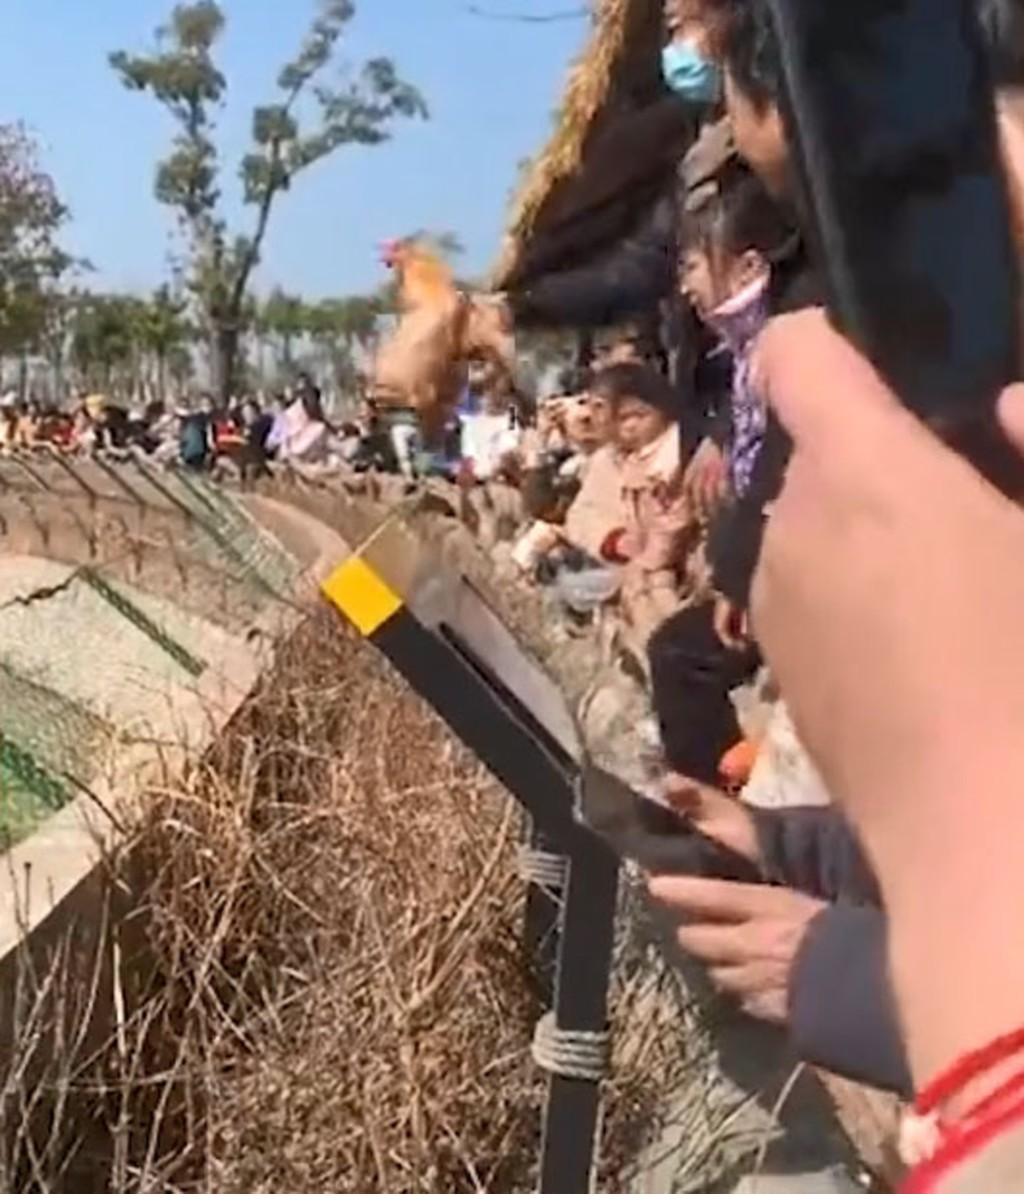 中國動物園讓遊客「丟活雞餵老虎」 「被罵殘忍」園方:正常野獸行為展示